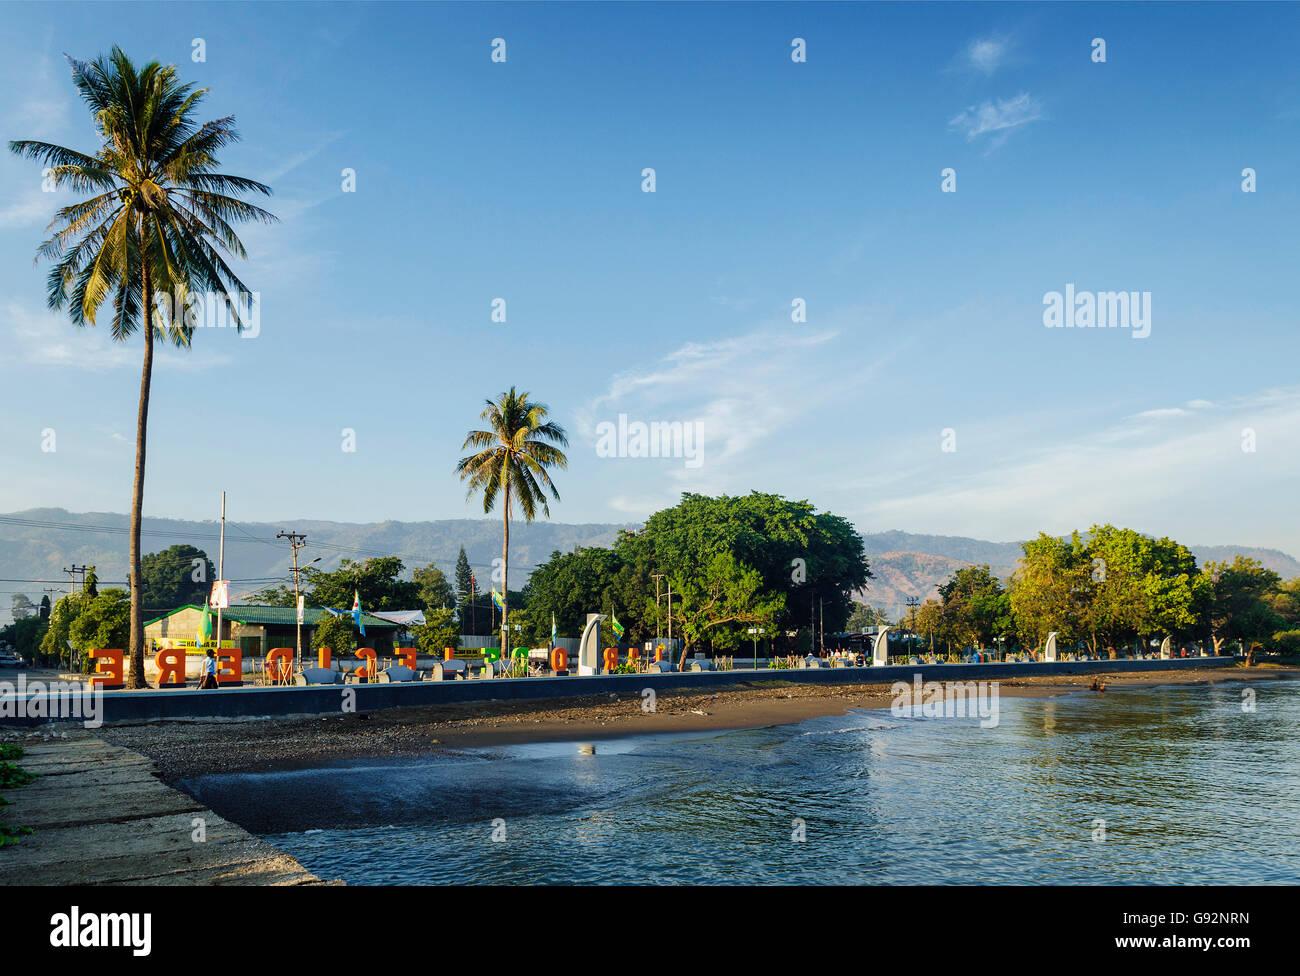 central dili city seaside promenade in east timor Stock Photo